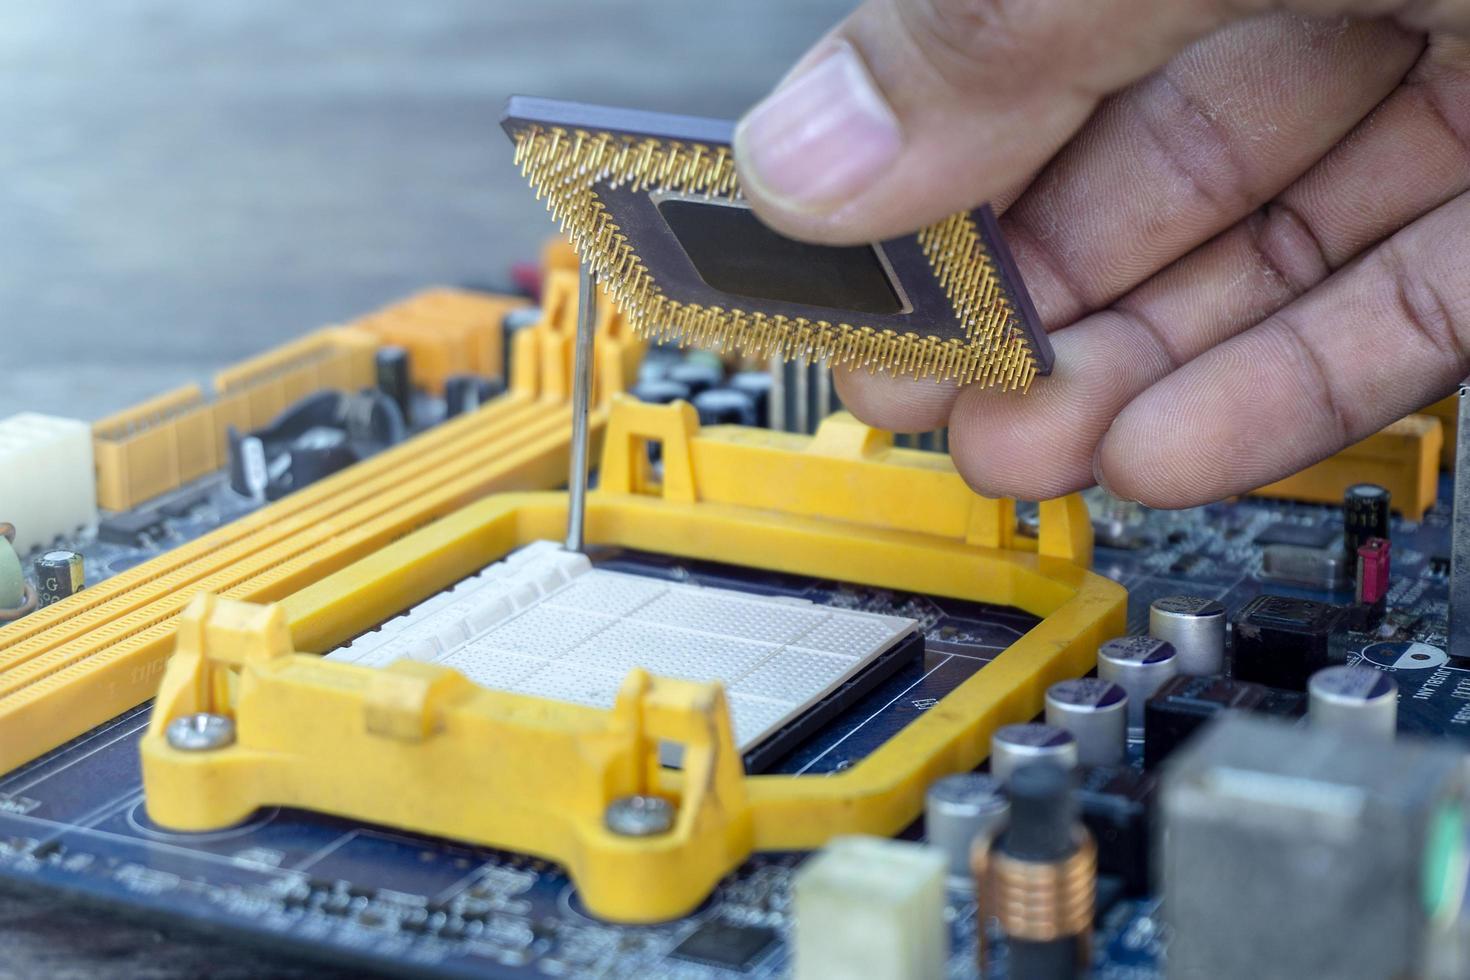 technicien mise à niveau de l'ordinateur cpu photo